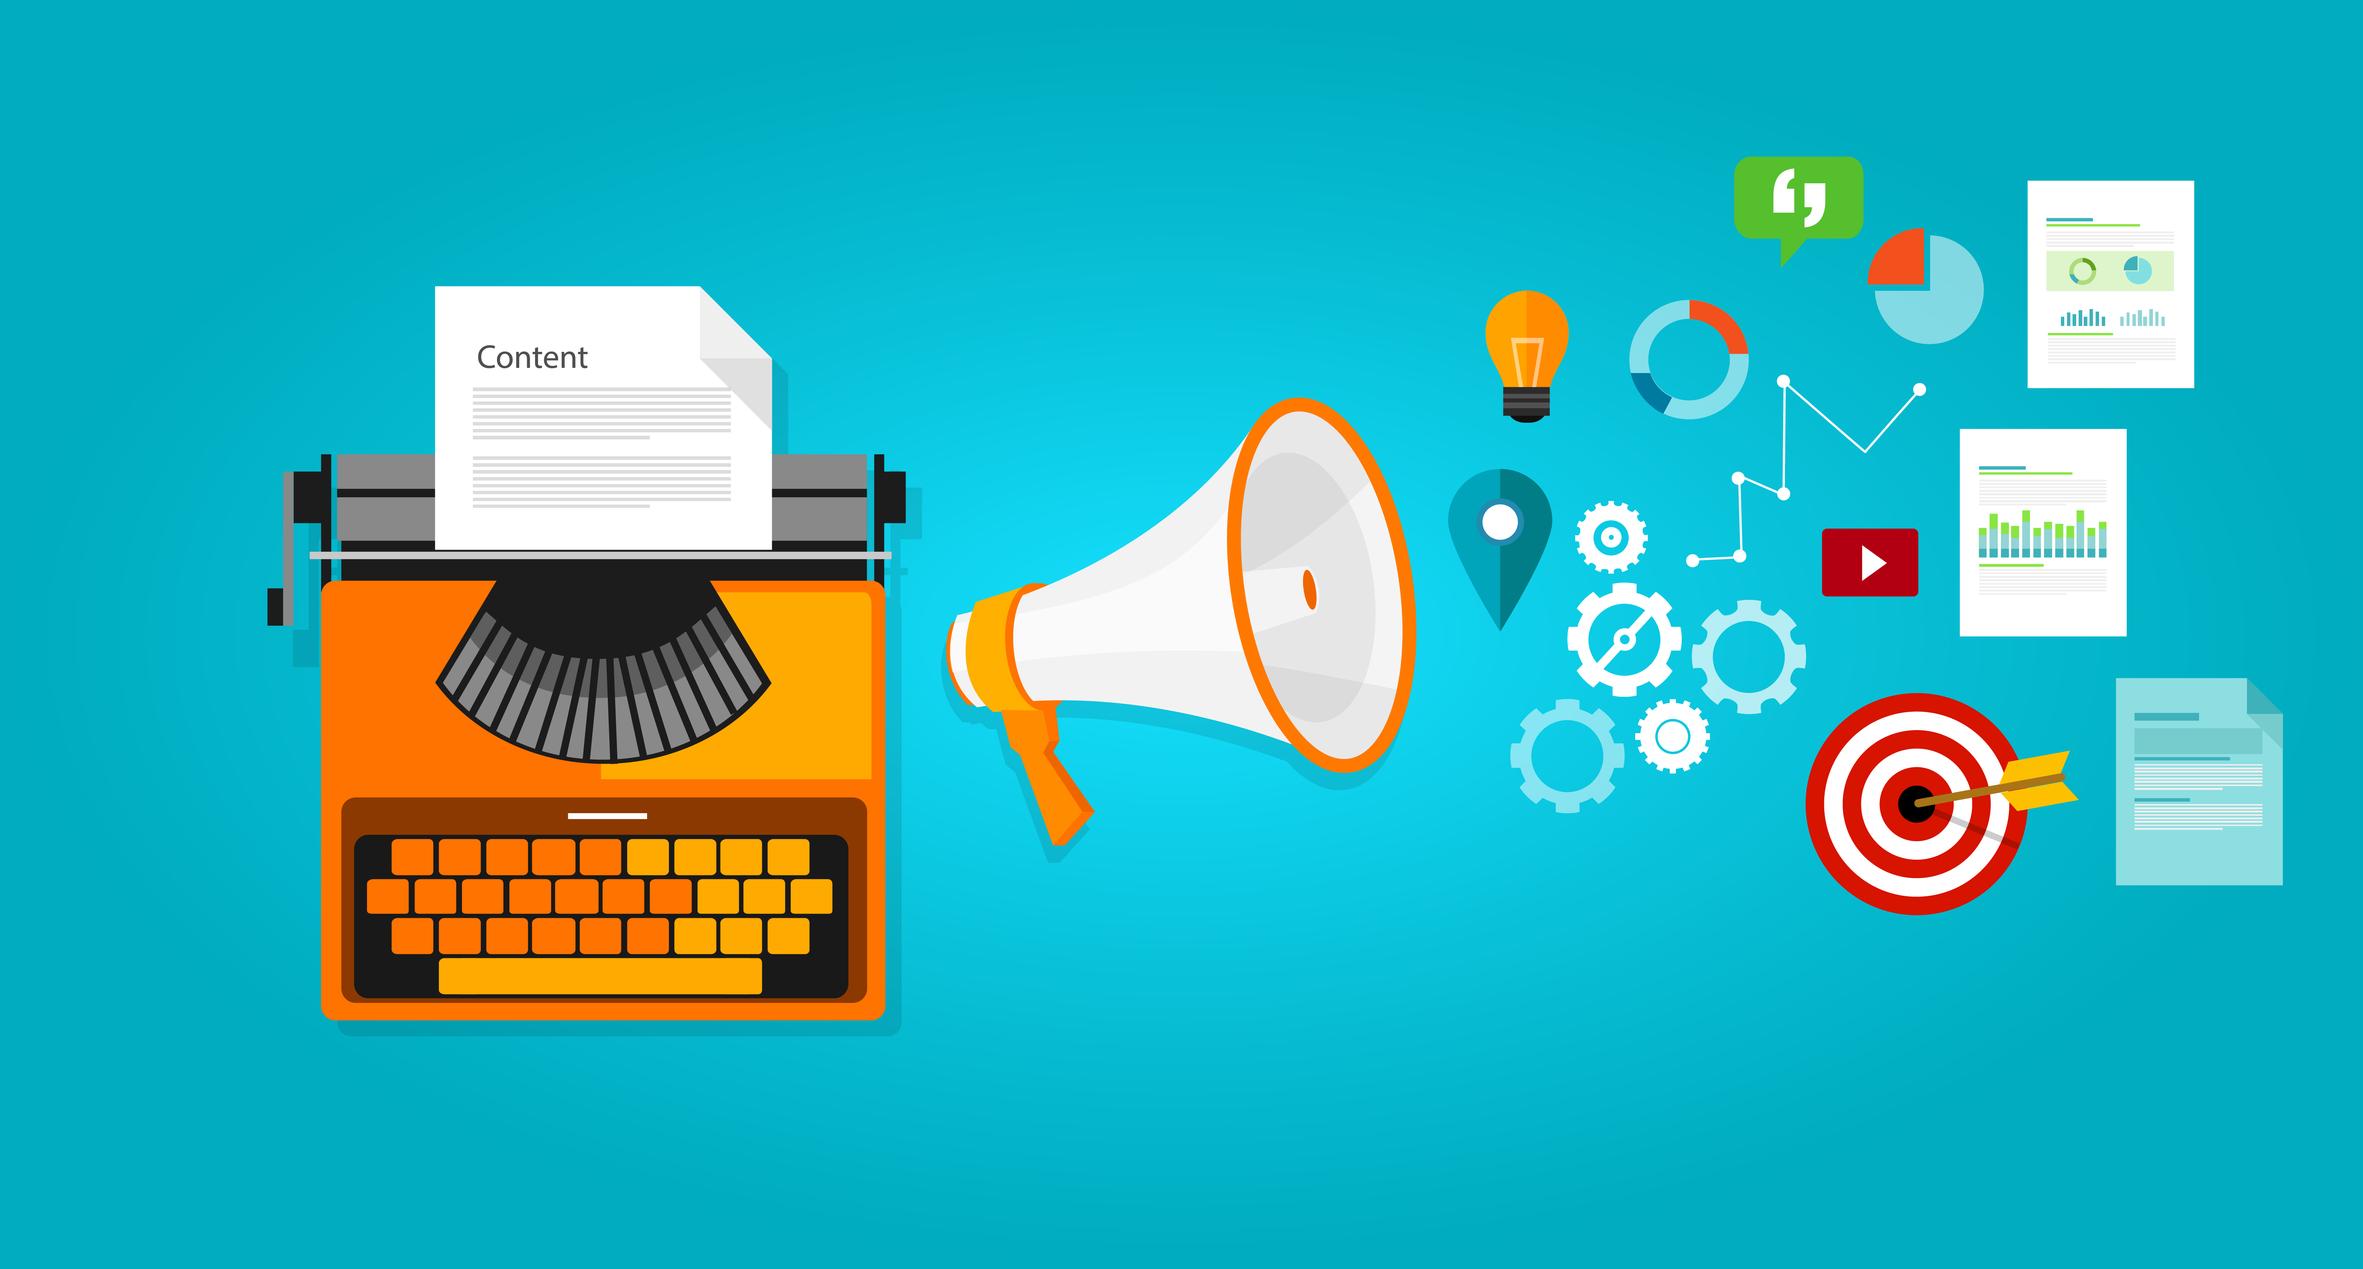 Tácticas para hacer crecer tu estrategia de marketing de contenido